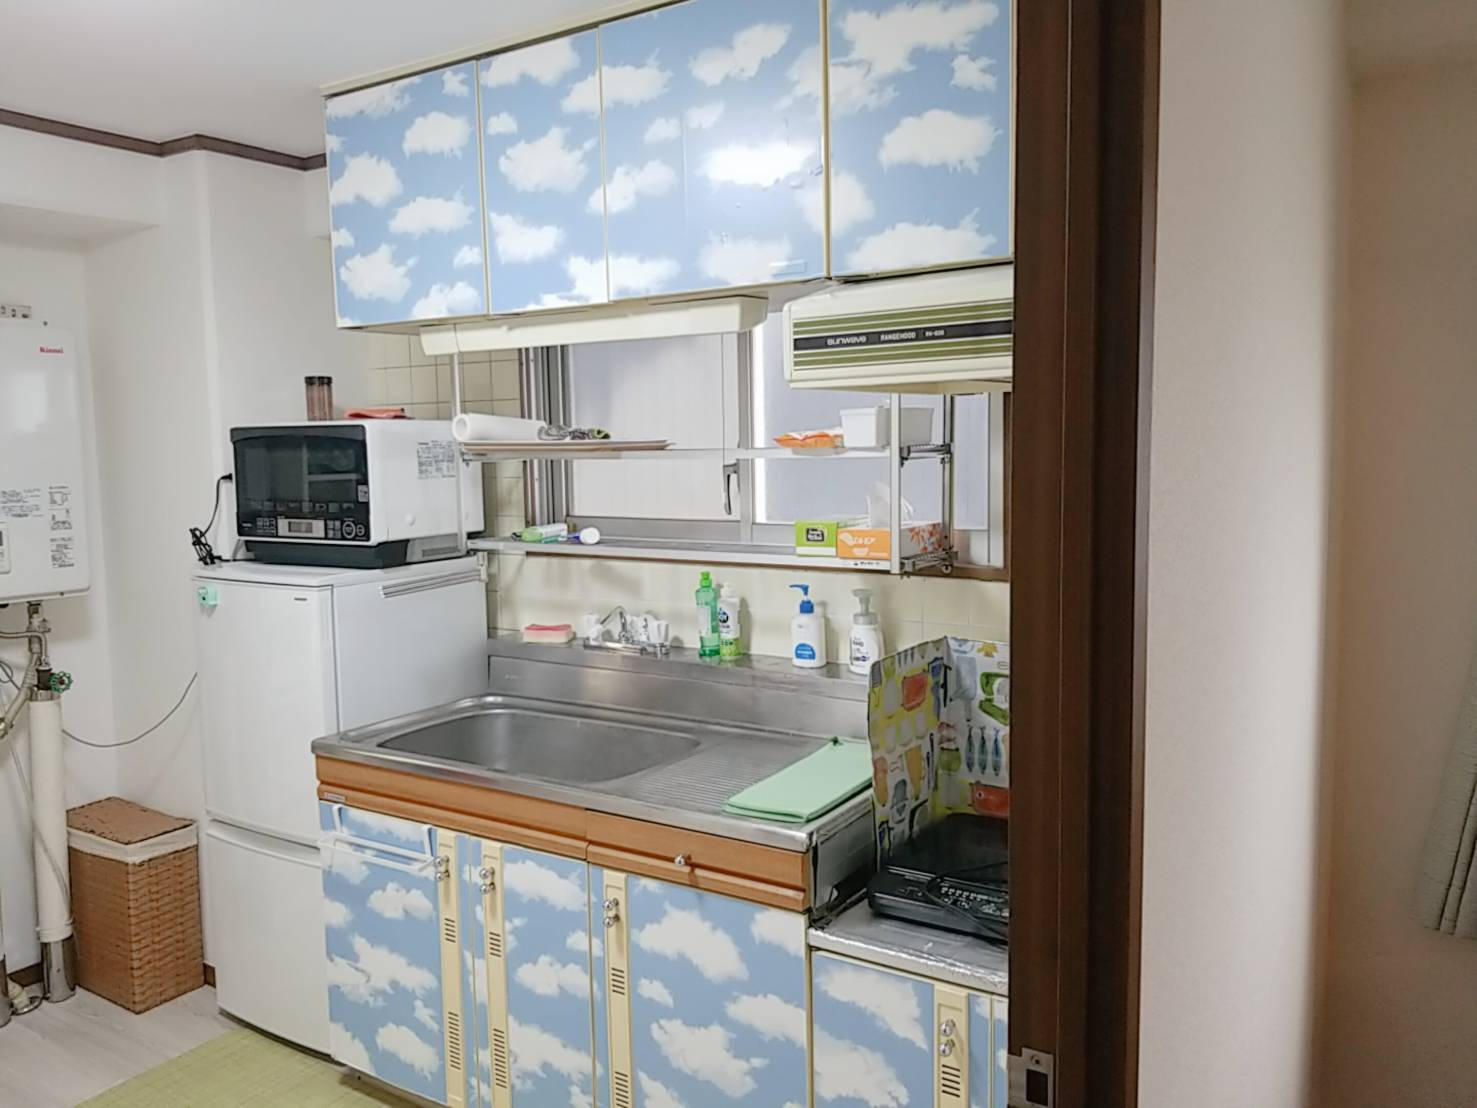 最上階にある天空のキッチンです。 - ご縁カフェ金山レンタルルーム 洋室と和室★2部屋でゆったり空間の室内の写真